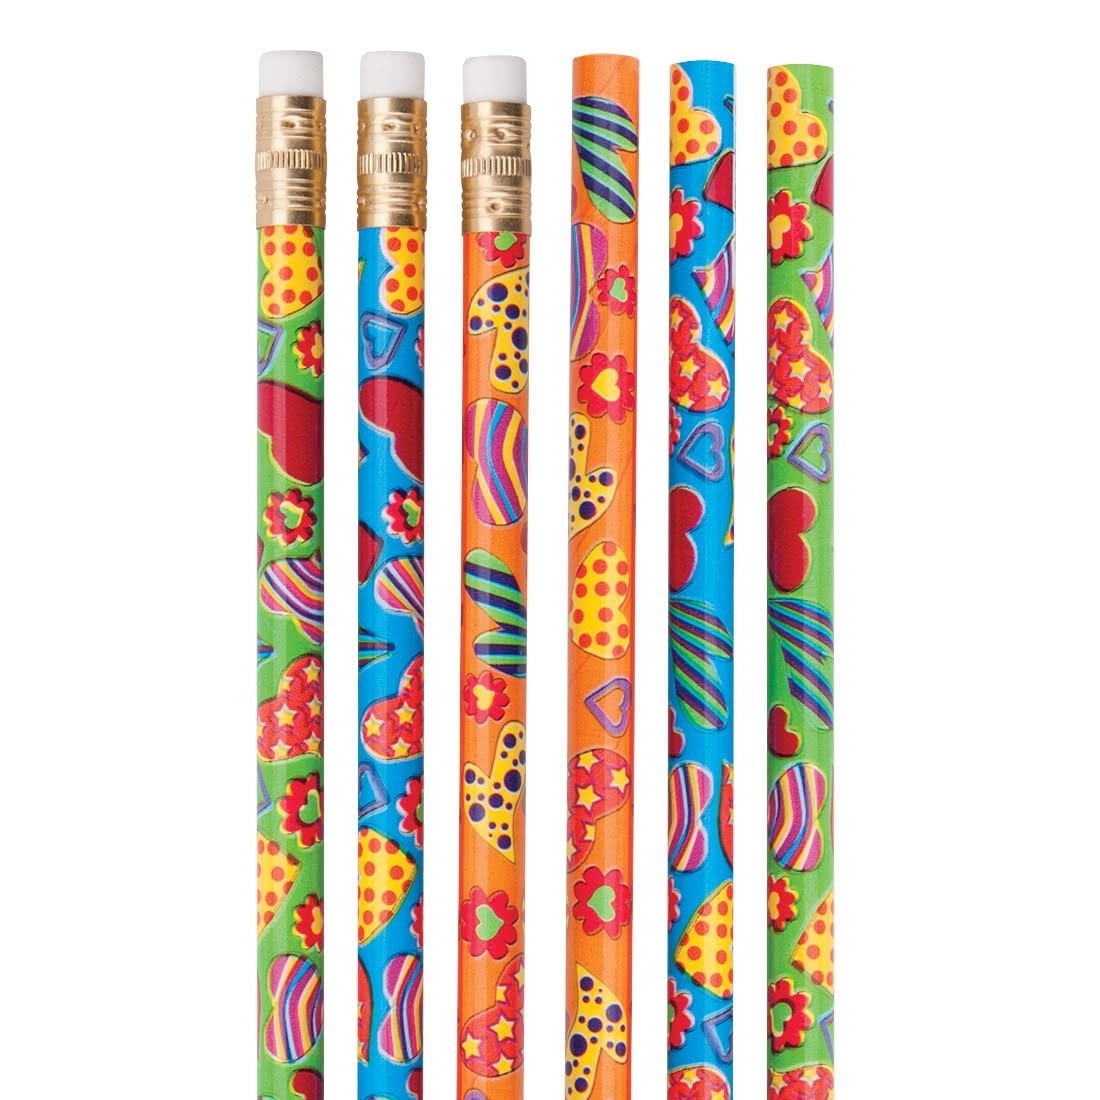 Happy Hearts Pencils [image]